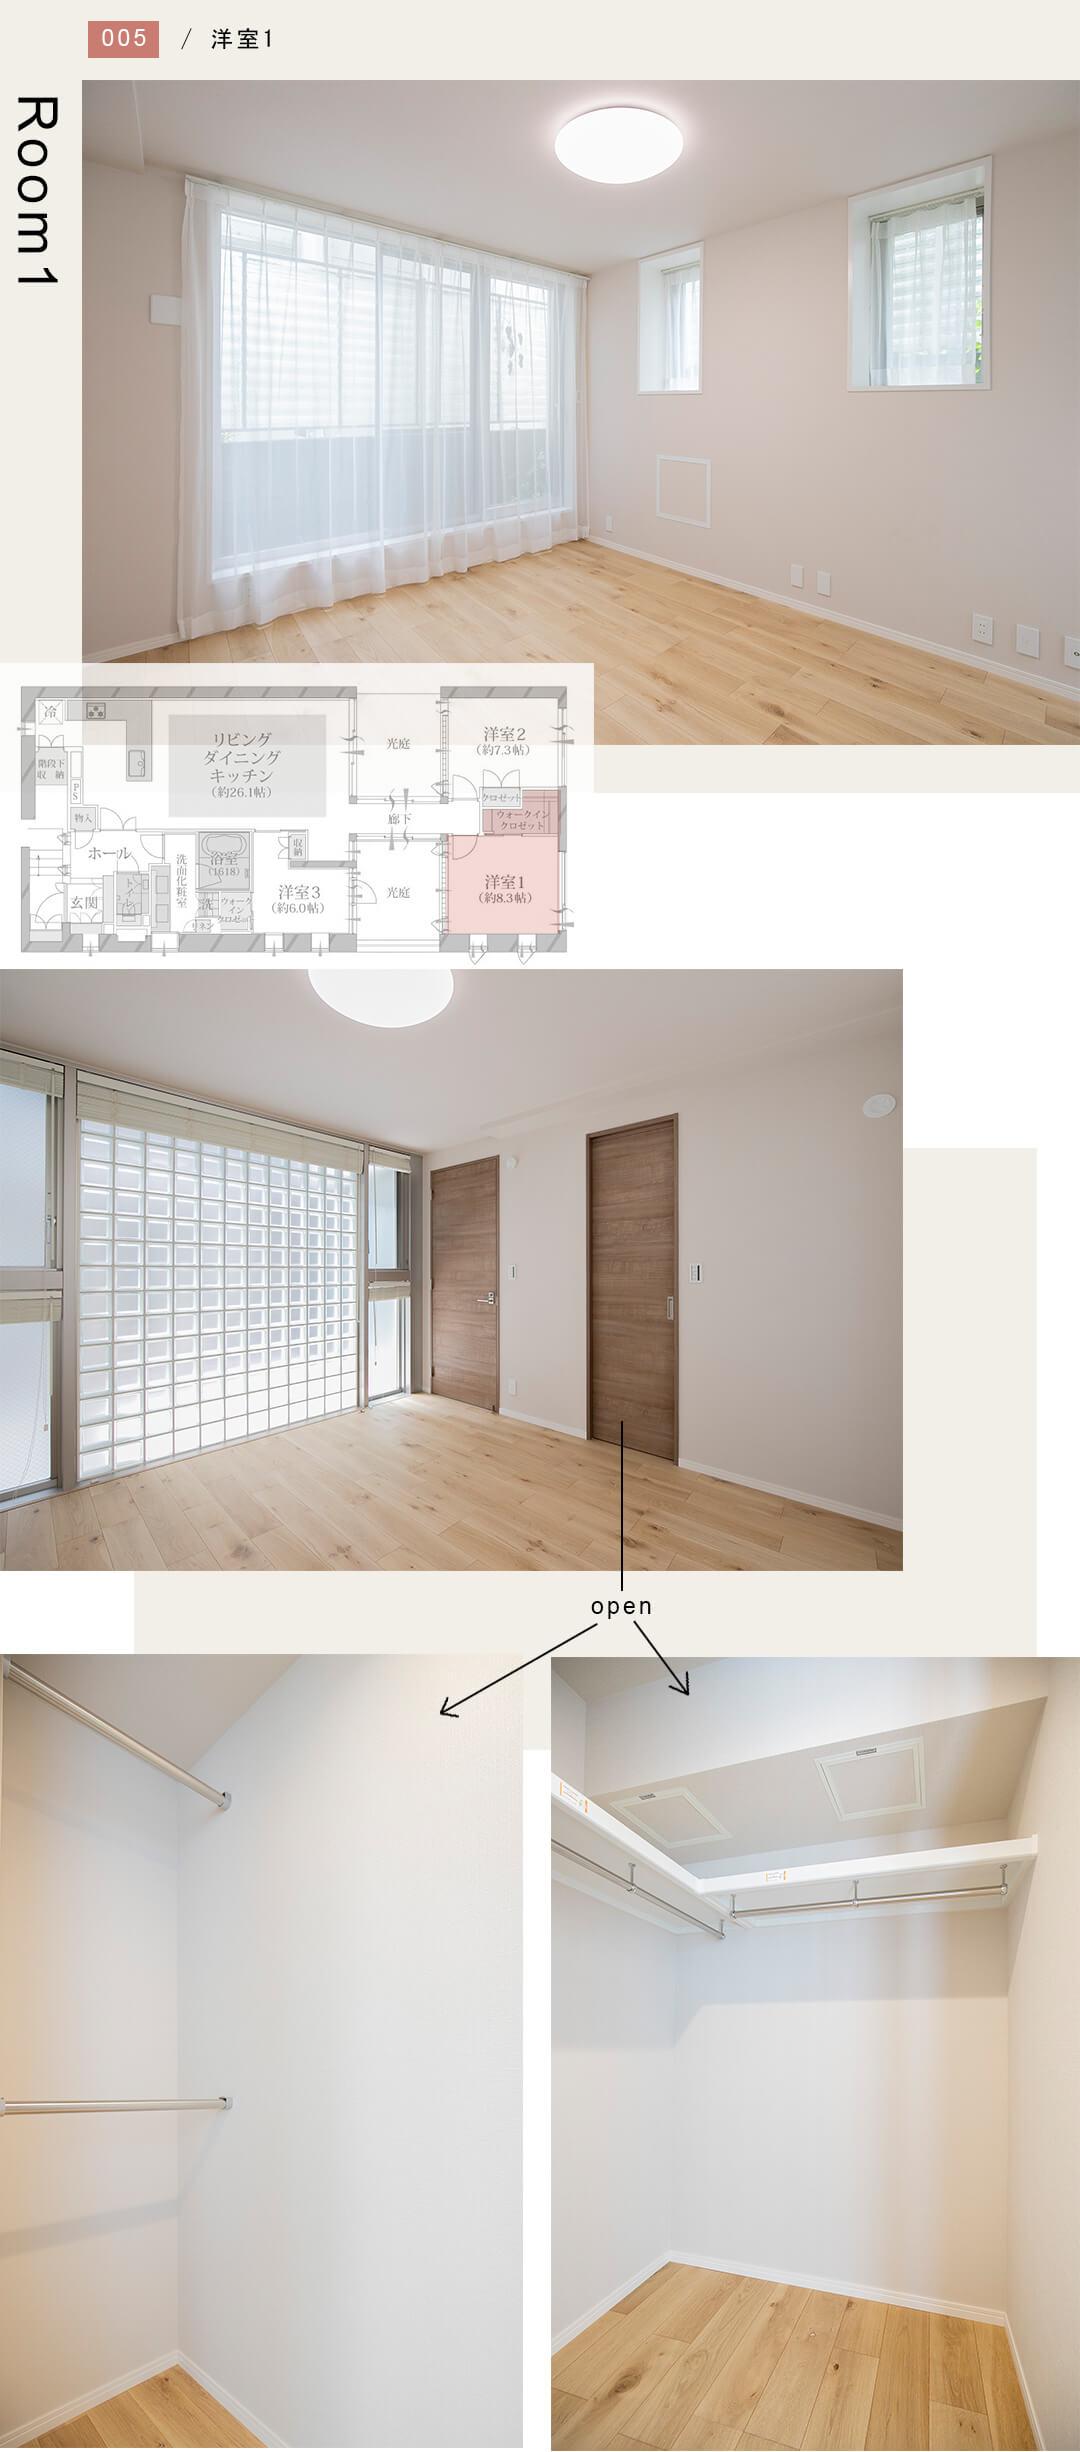 松濤コートハウスの洋室